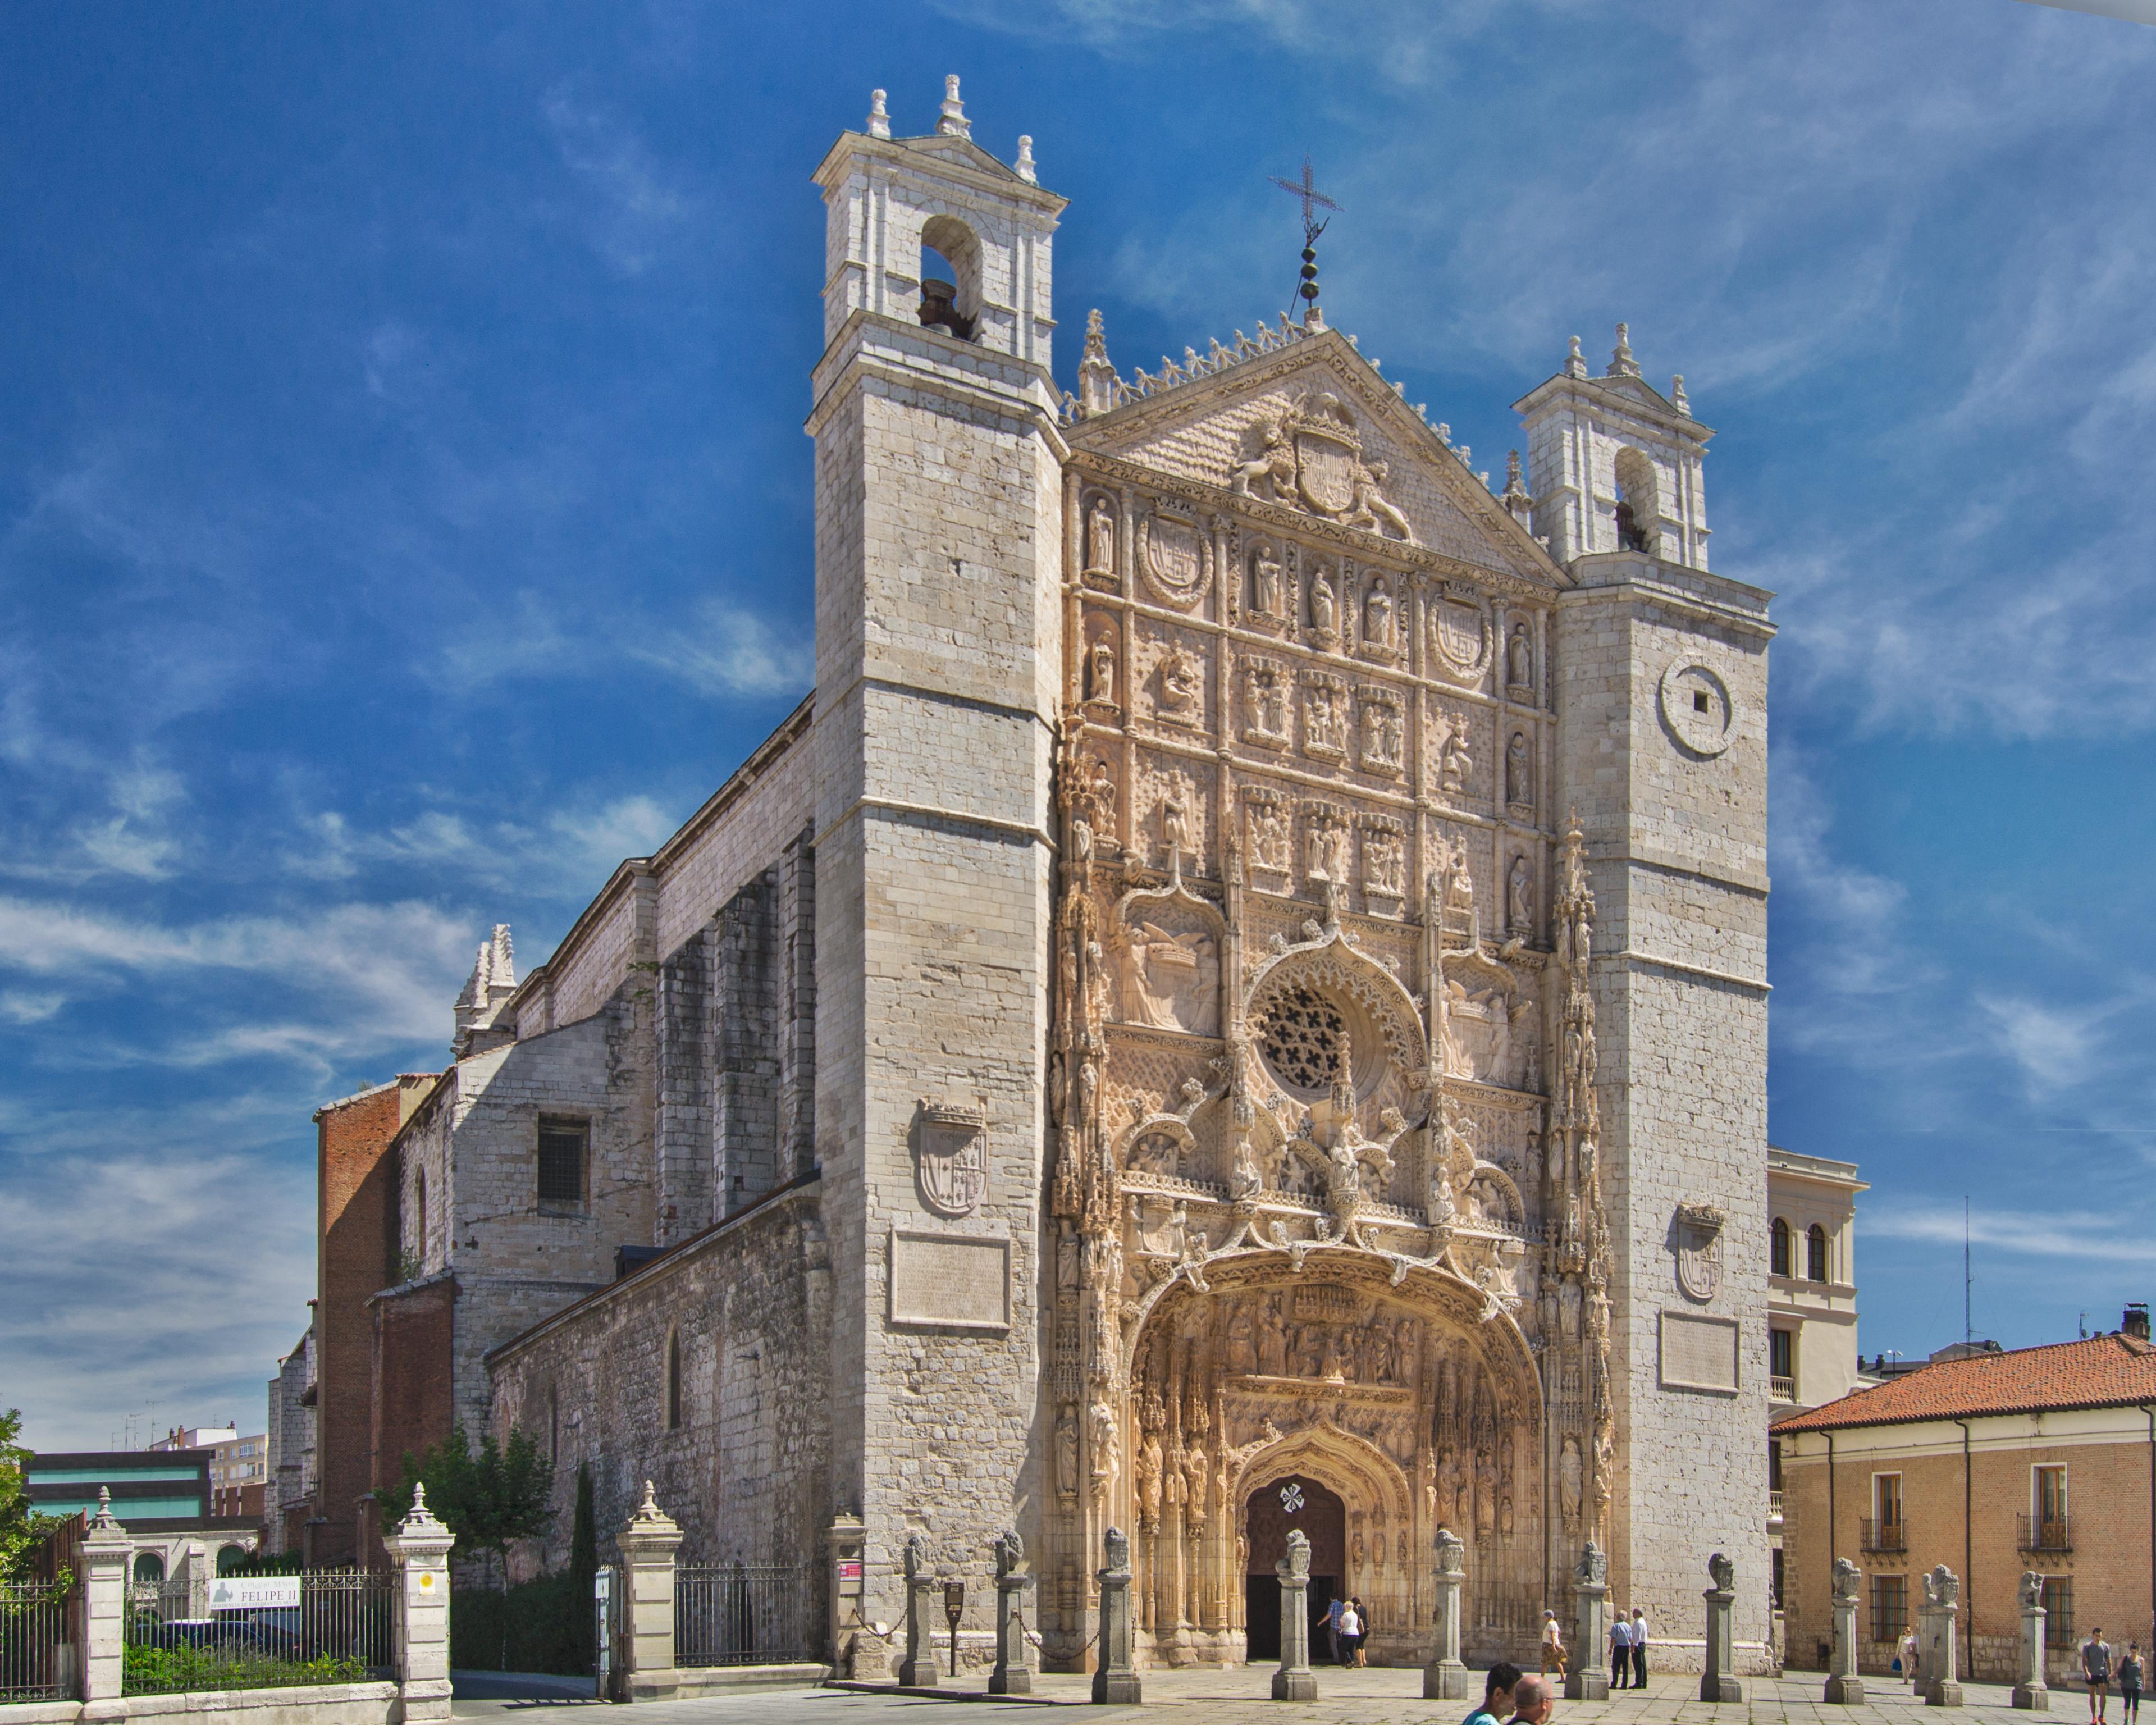 Iglesia de San Pablo (Valladolid) - Wikipedia, la enciclopedia libre